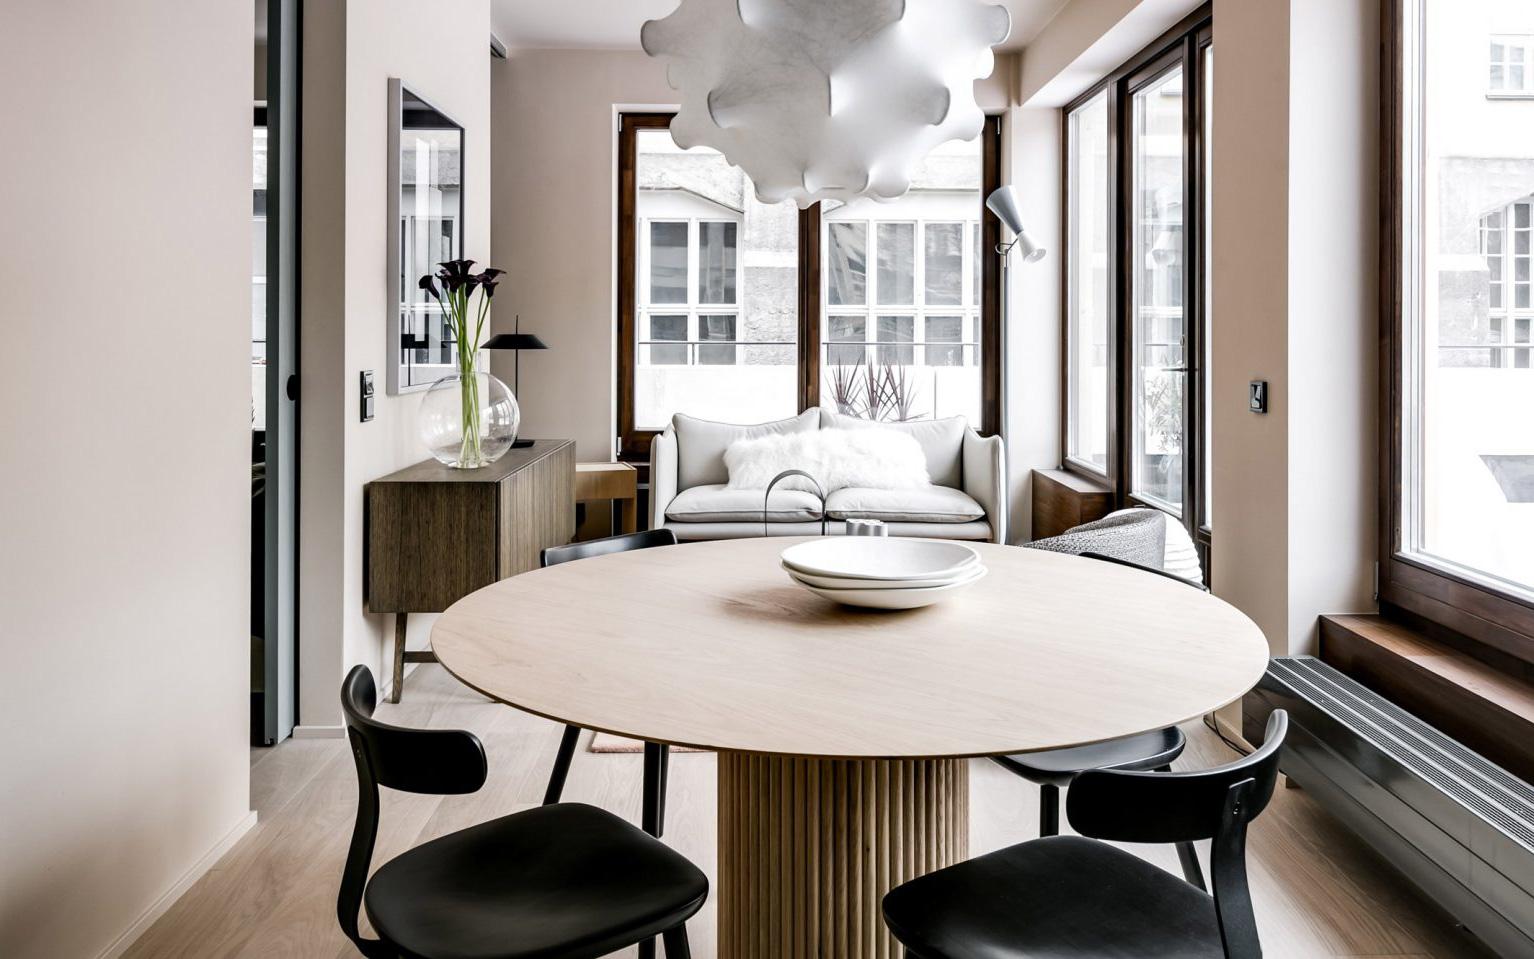 Căn hộ 65m² nhưng đem lại cảm giác rộng rãi nhờ thiết kế mở bằng vách kính kết hợp ánh sáng hài hòa ở TP. HCM